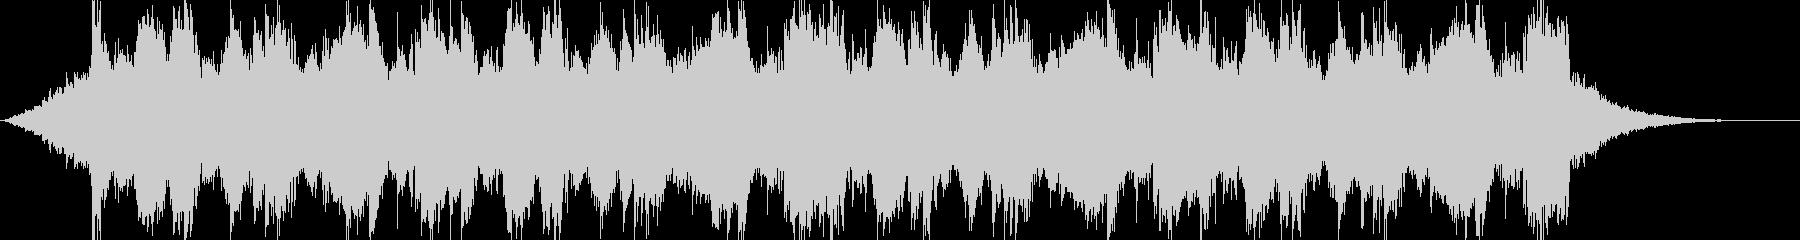 シネマティック01・壮大・ハリウッドS2の未再生の波形